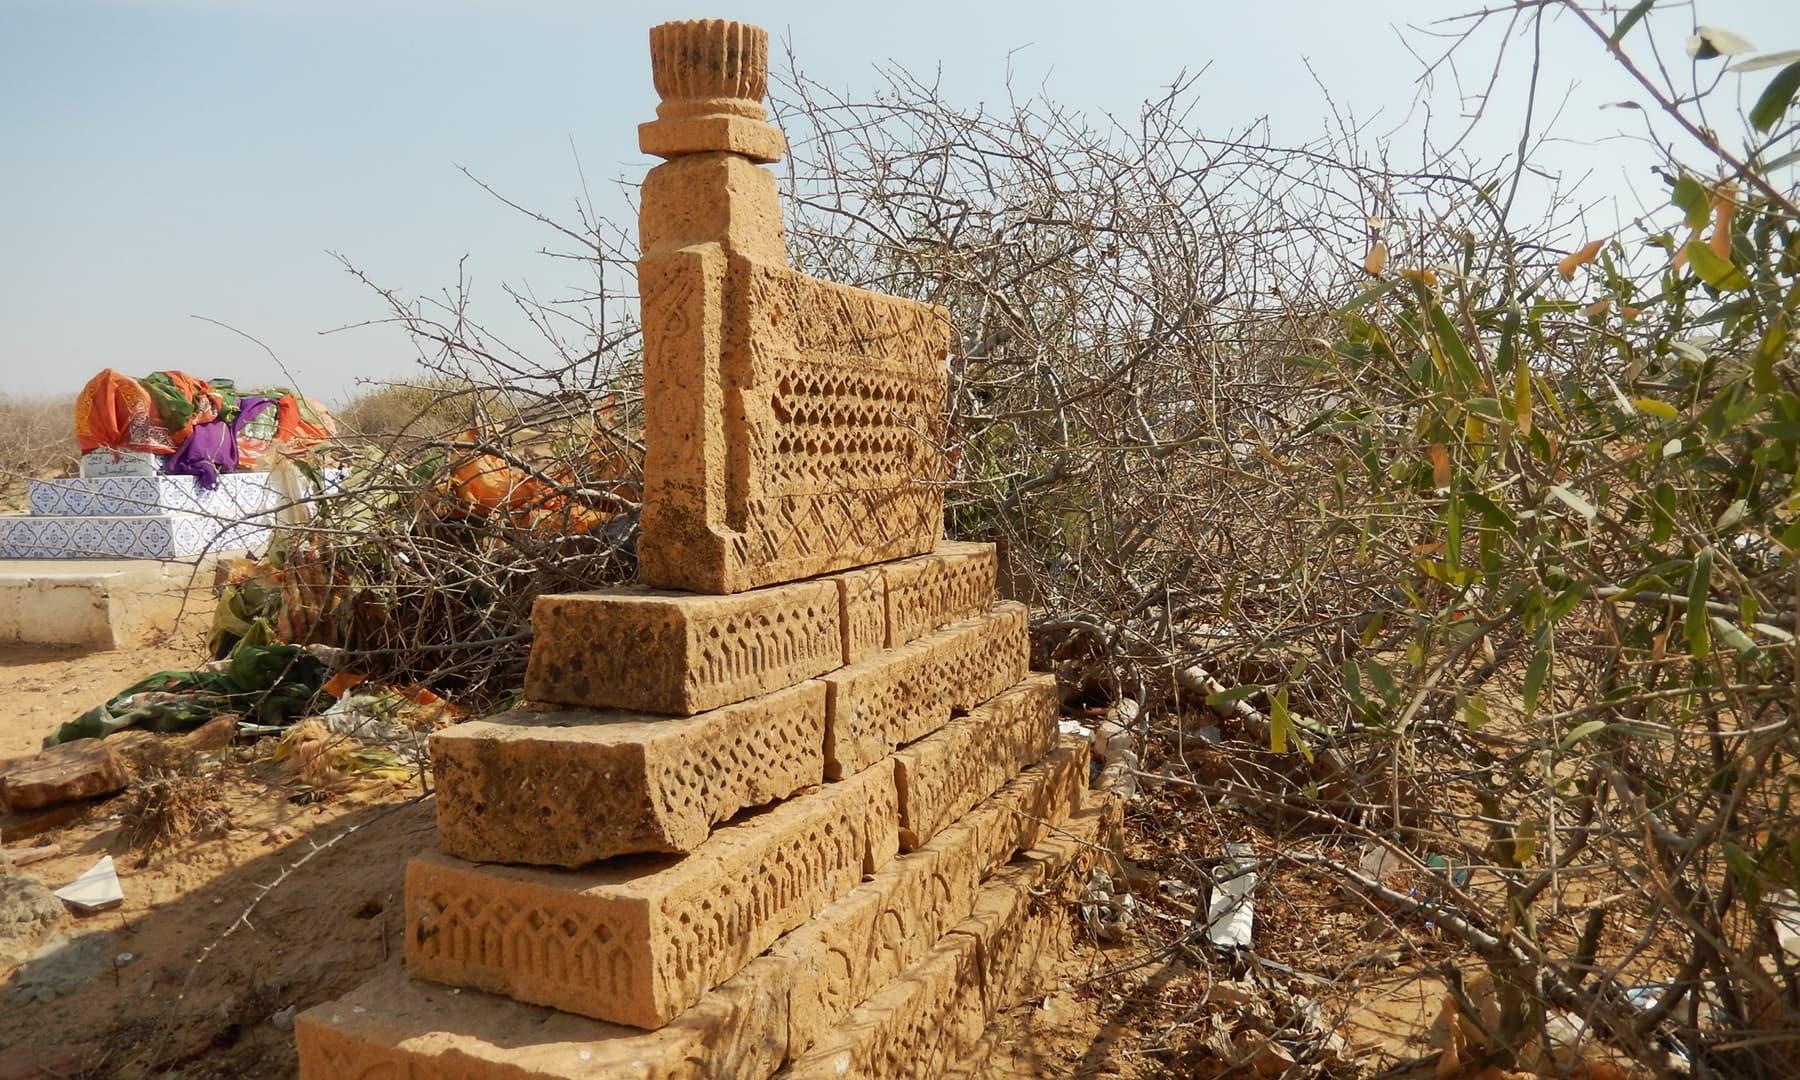 جنگشاہی کے قبرستان میں موجود فن سنگتراشی — تصویر ابوبکر شیخ